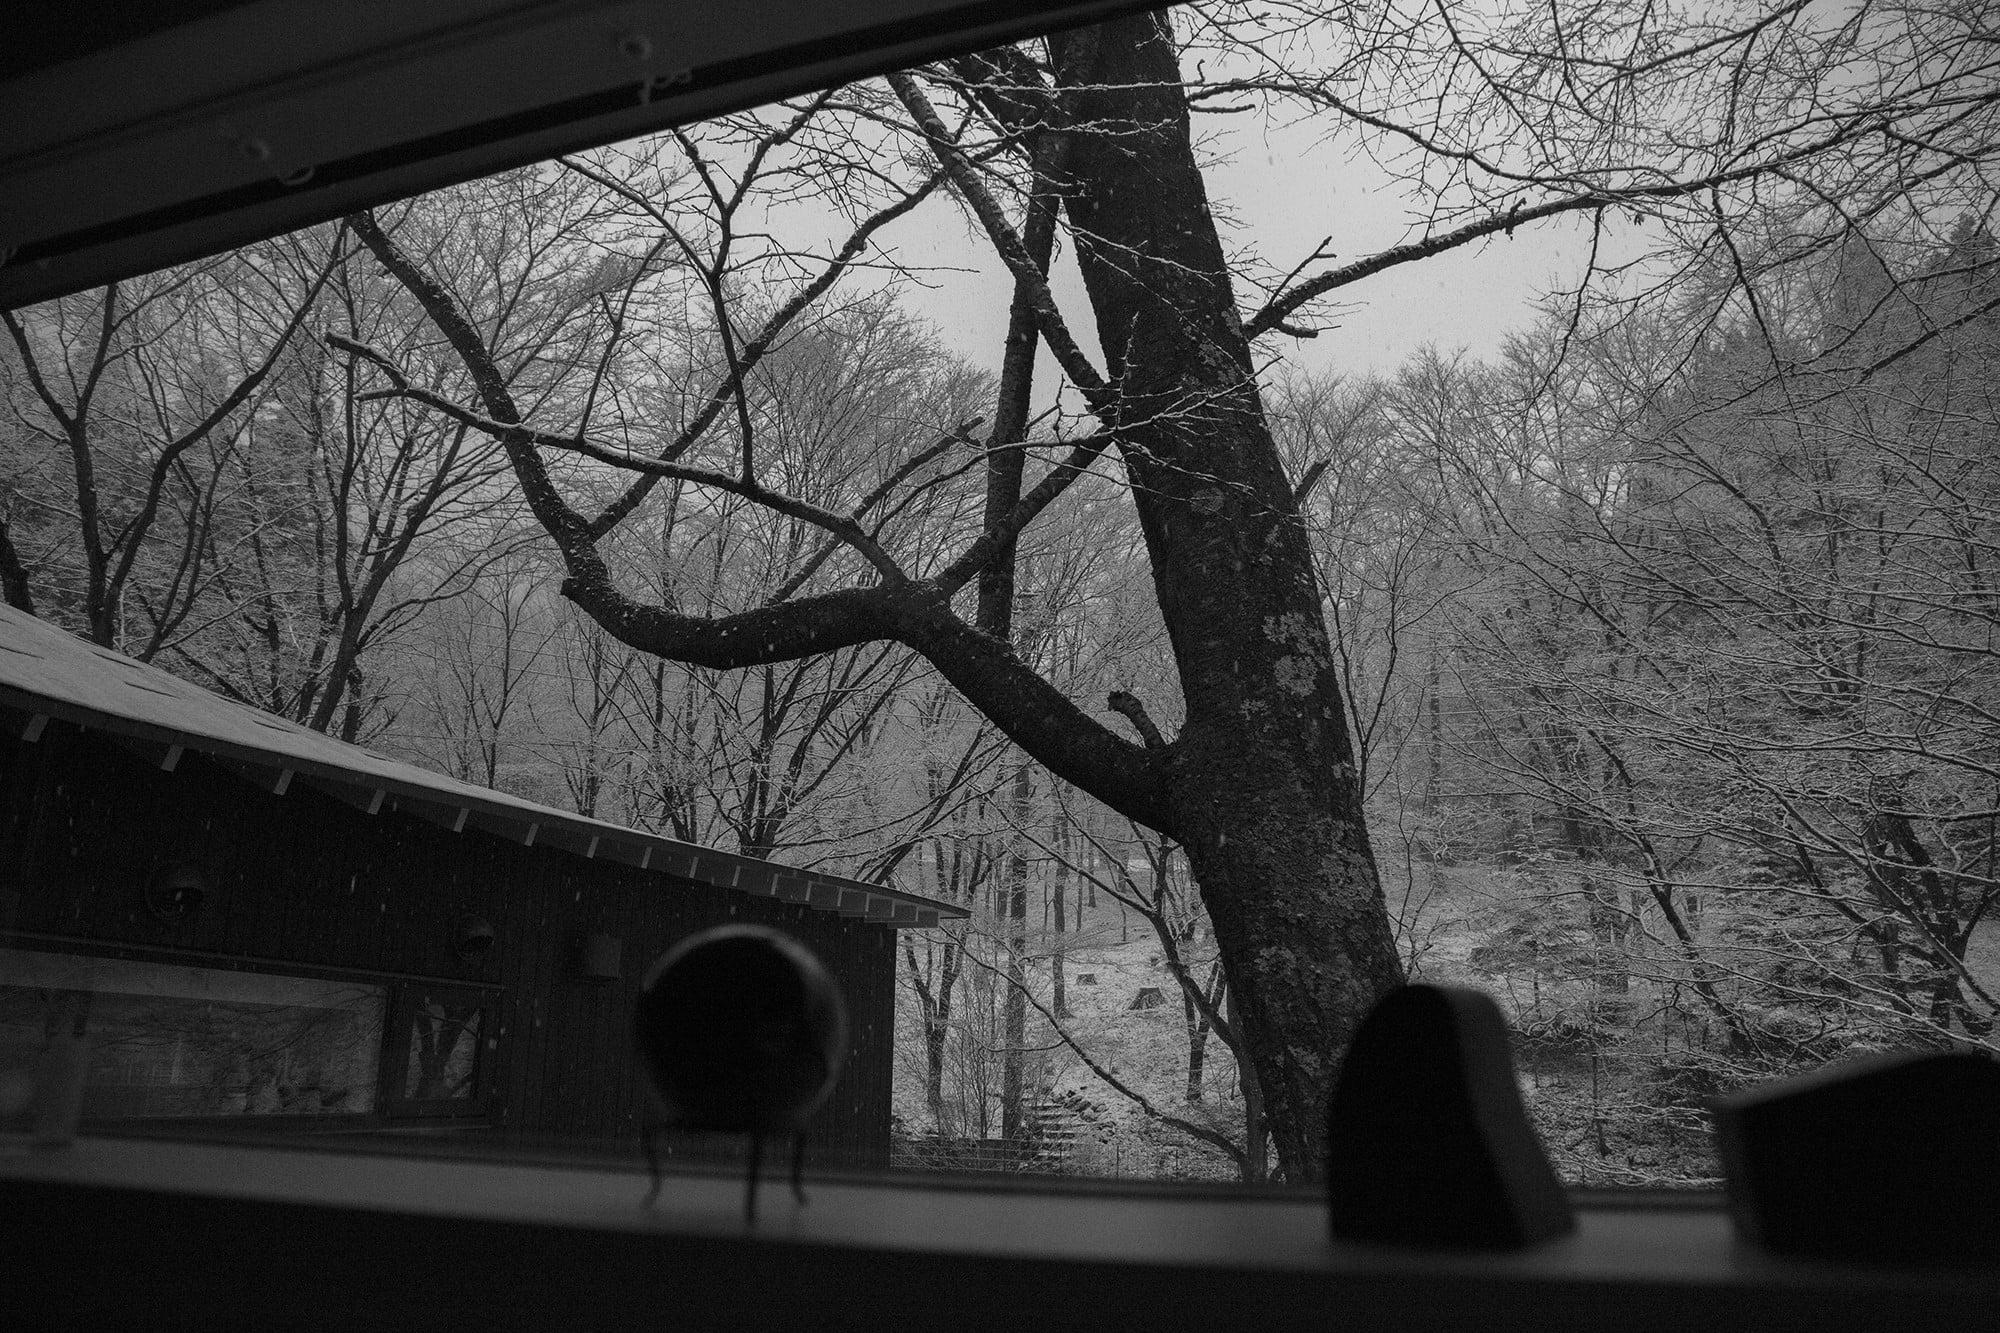 横に細長く切り取られた窓からは広がる自然と空が伺えて、静寂が自邸を包んでいく。